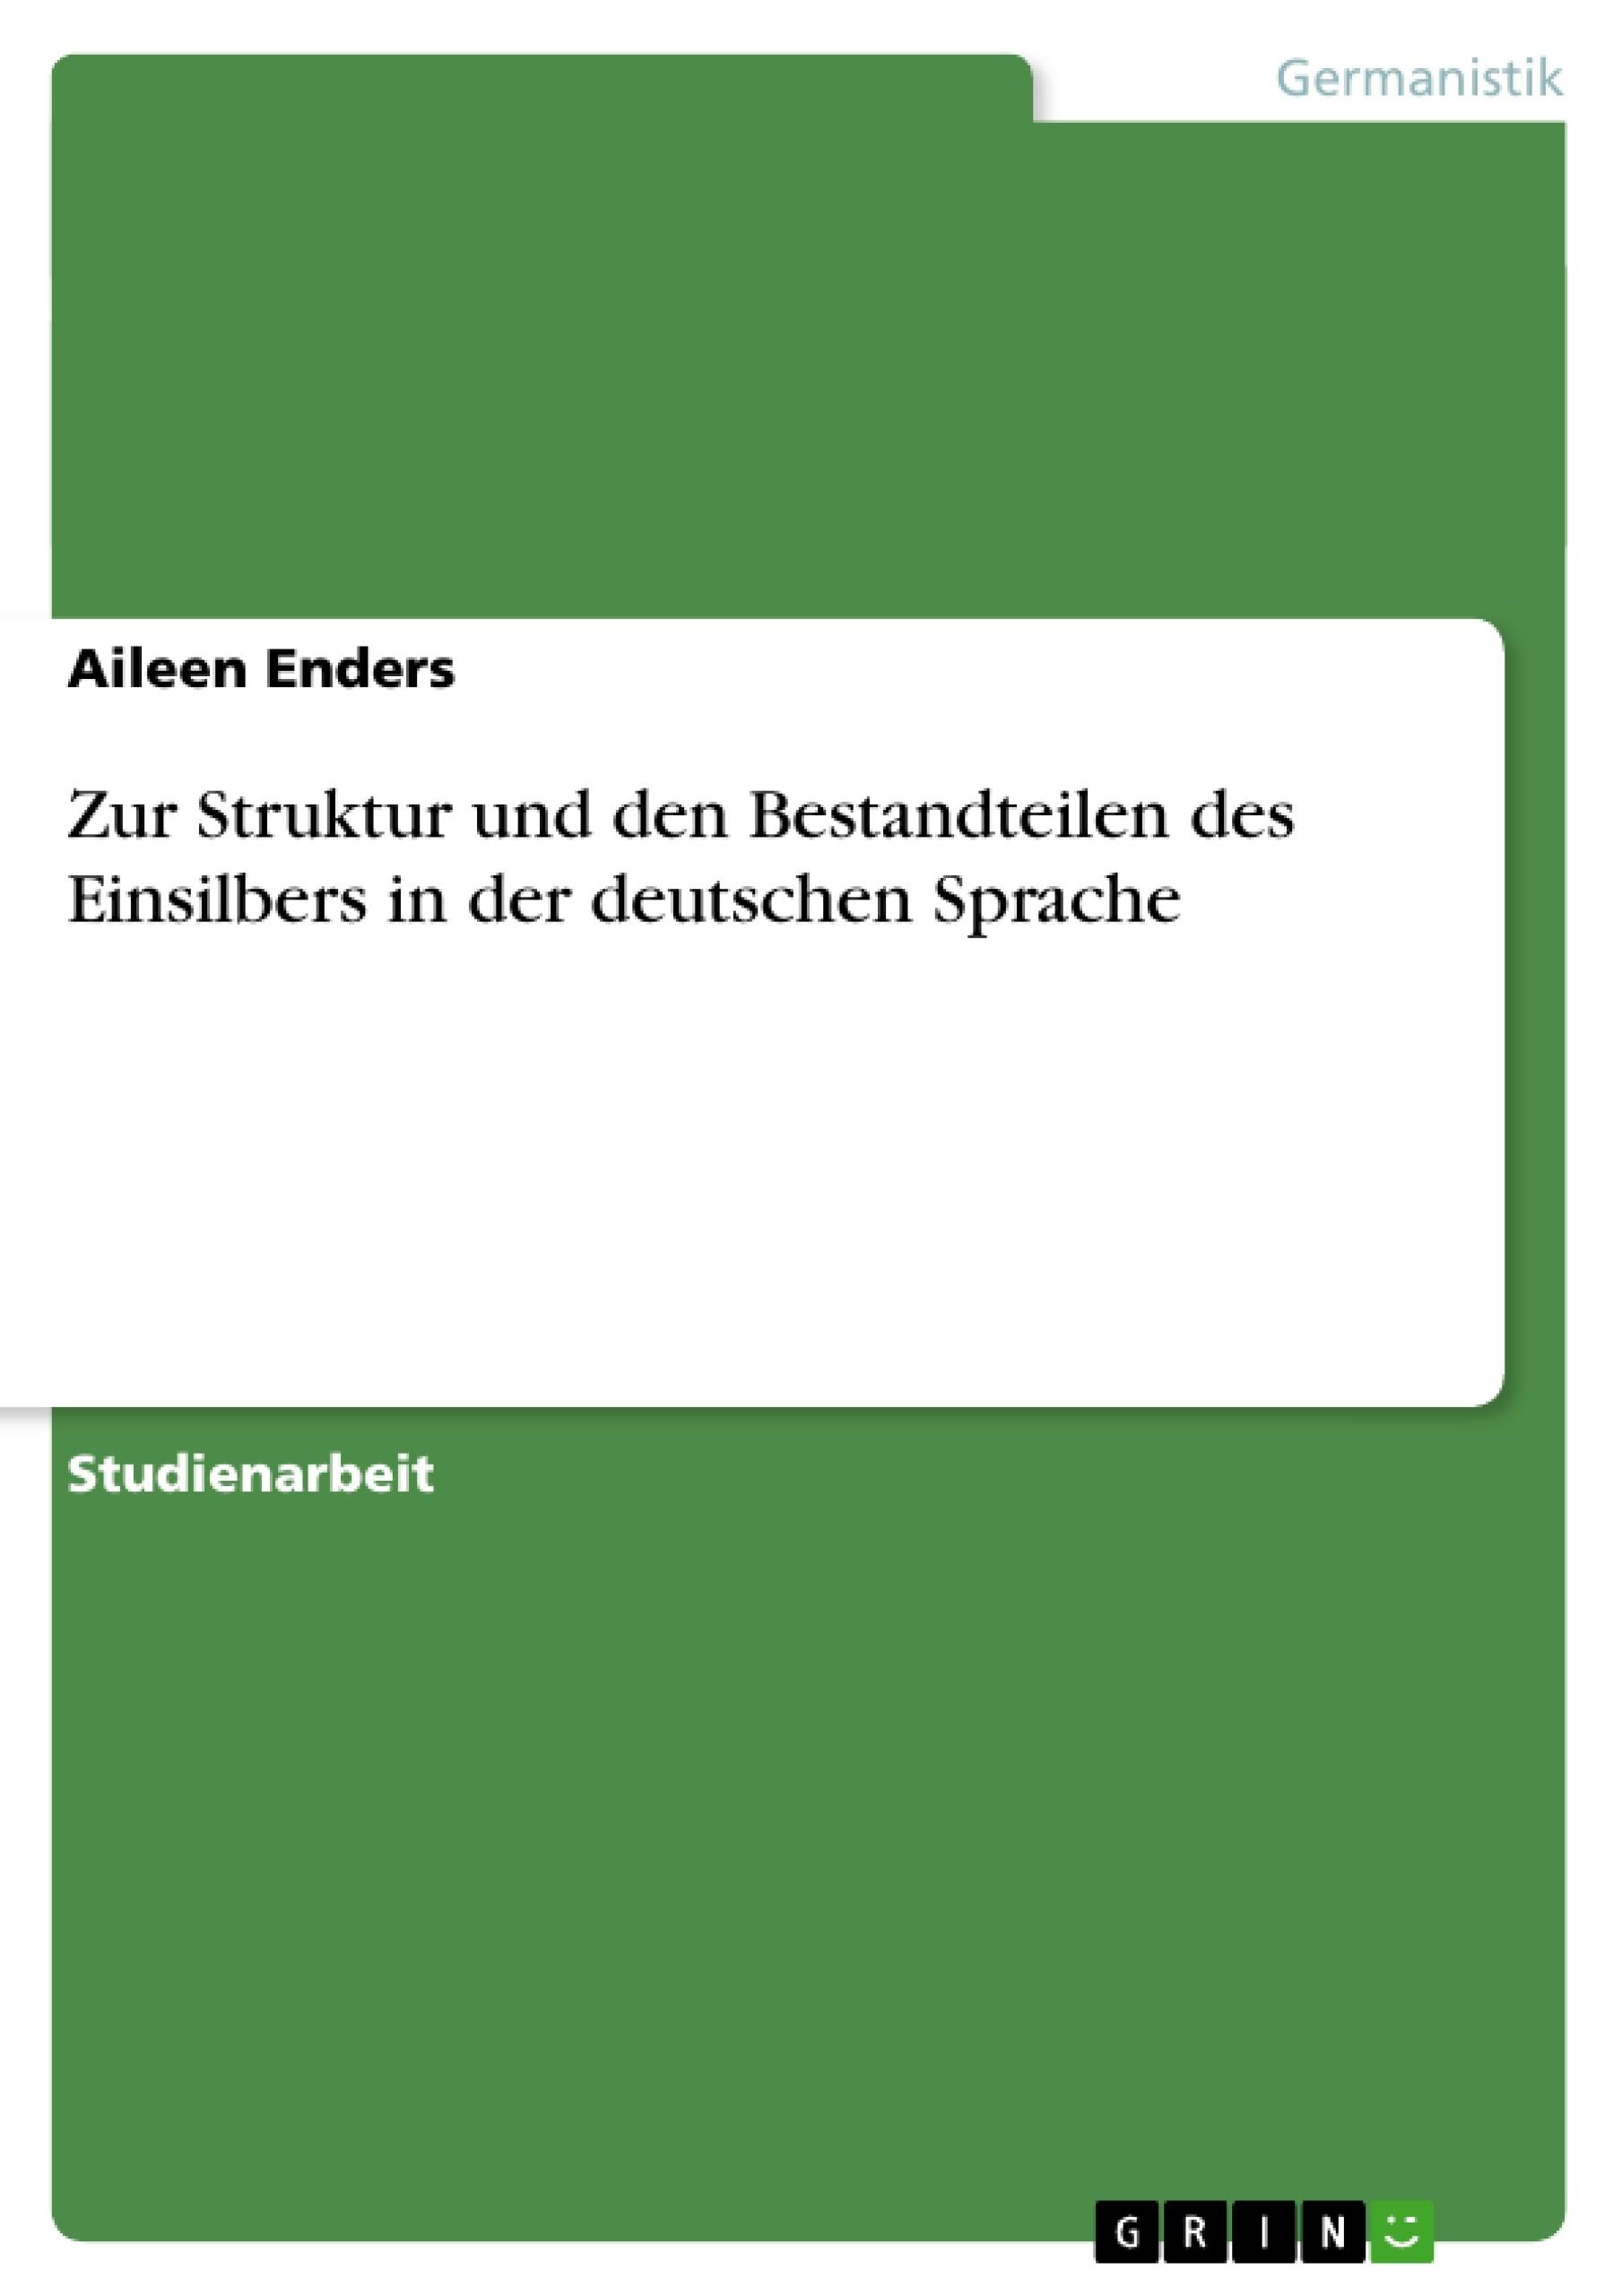 Titel: Zur Struktur und den Bestandteilen des Einsilbers in der deutschen Sprache